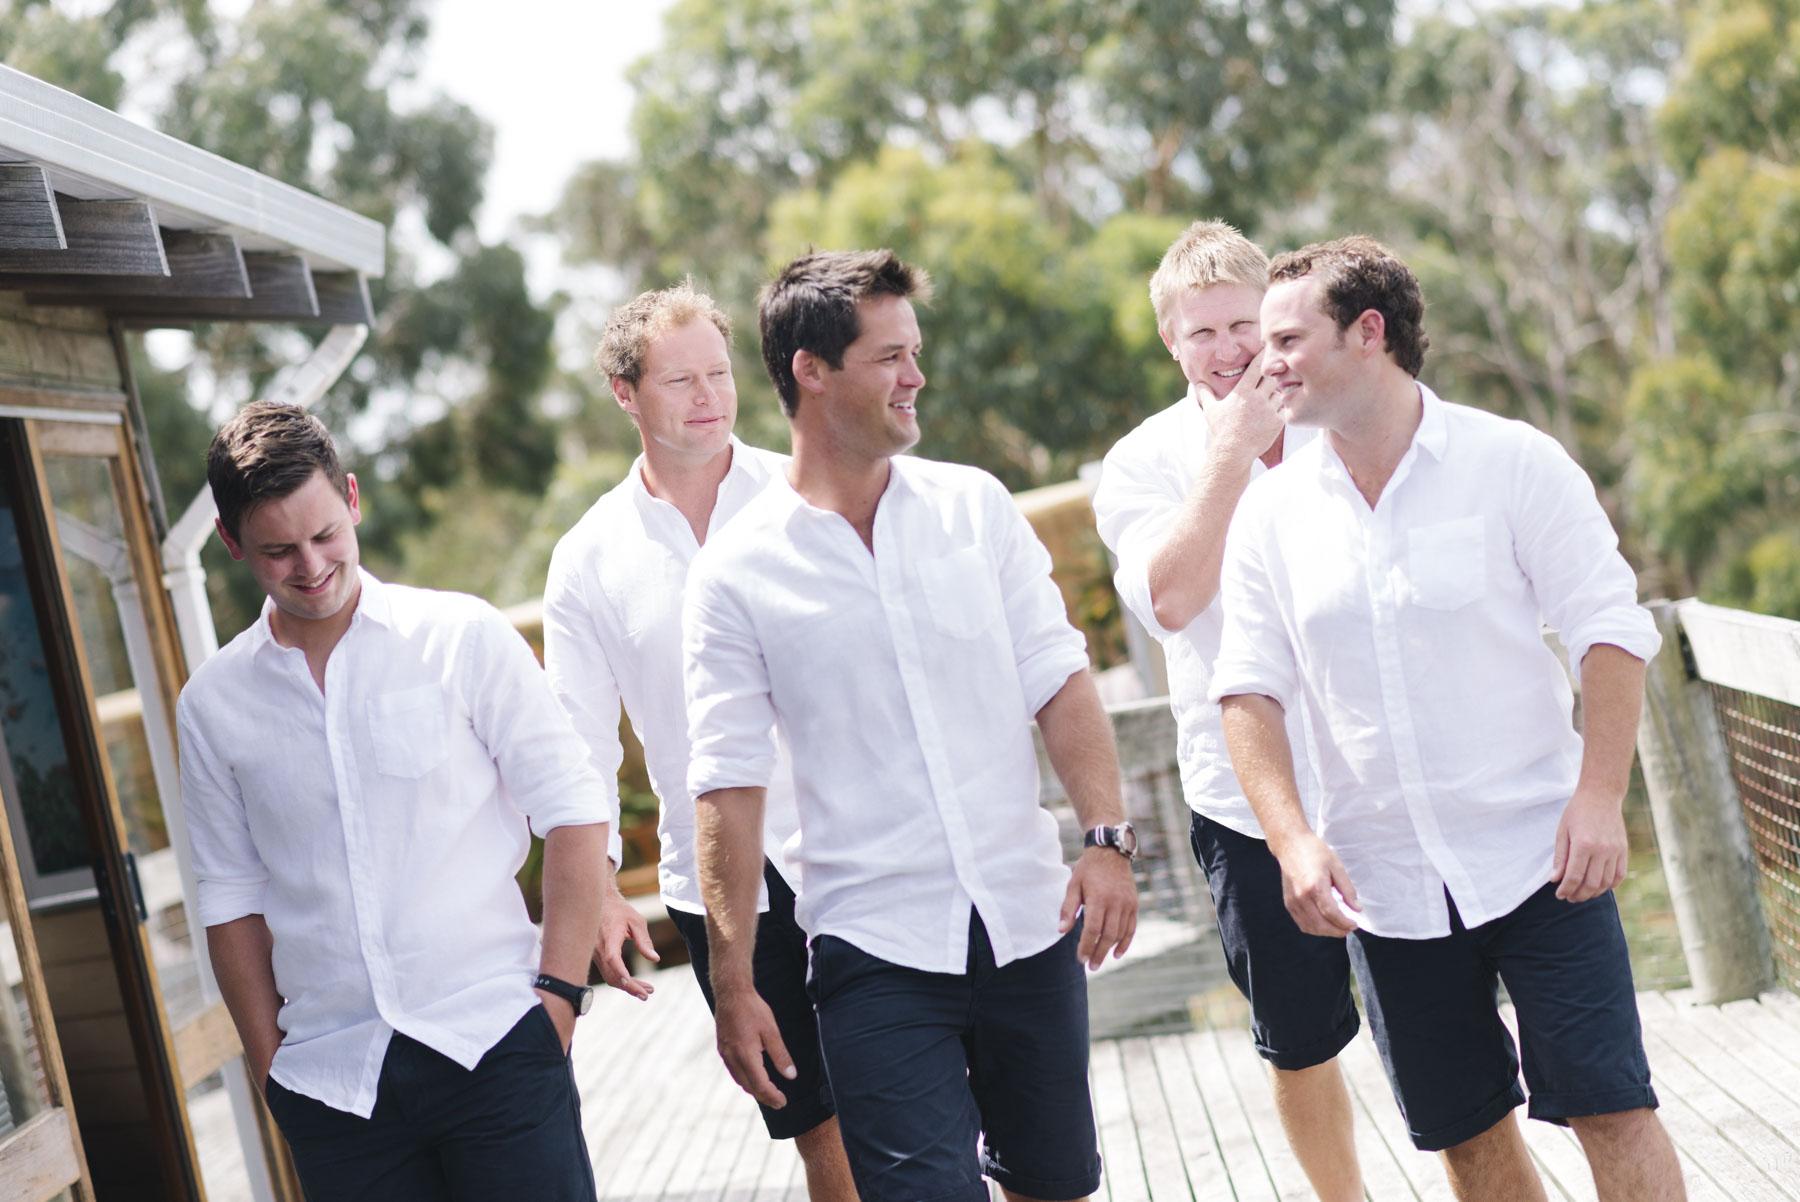 1501curchill-084alan_moyle_wedding_portrait_brighton_bayside_bay_of_fires_rustic_styled_rustic_beach_candid_documentry_binalongbay_tasmania_destination.jpg